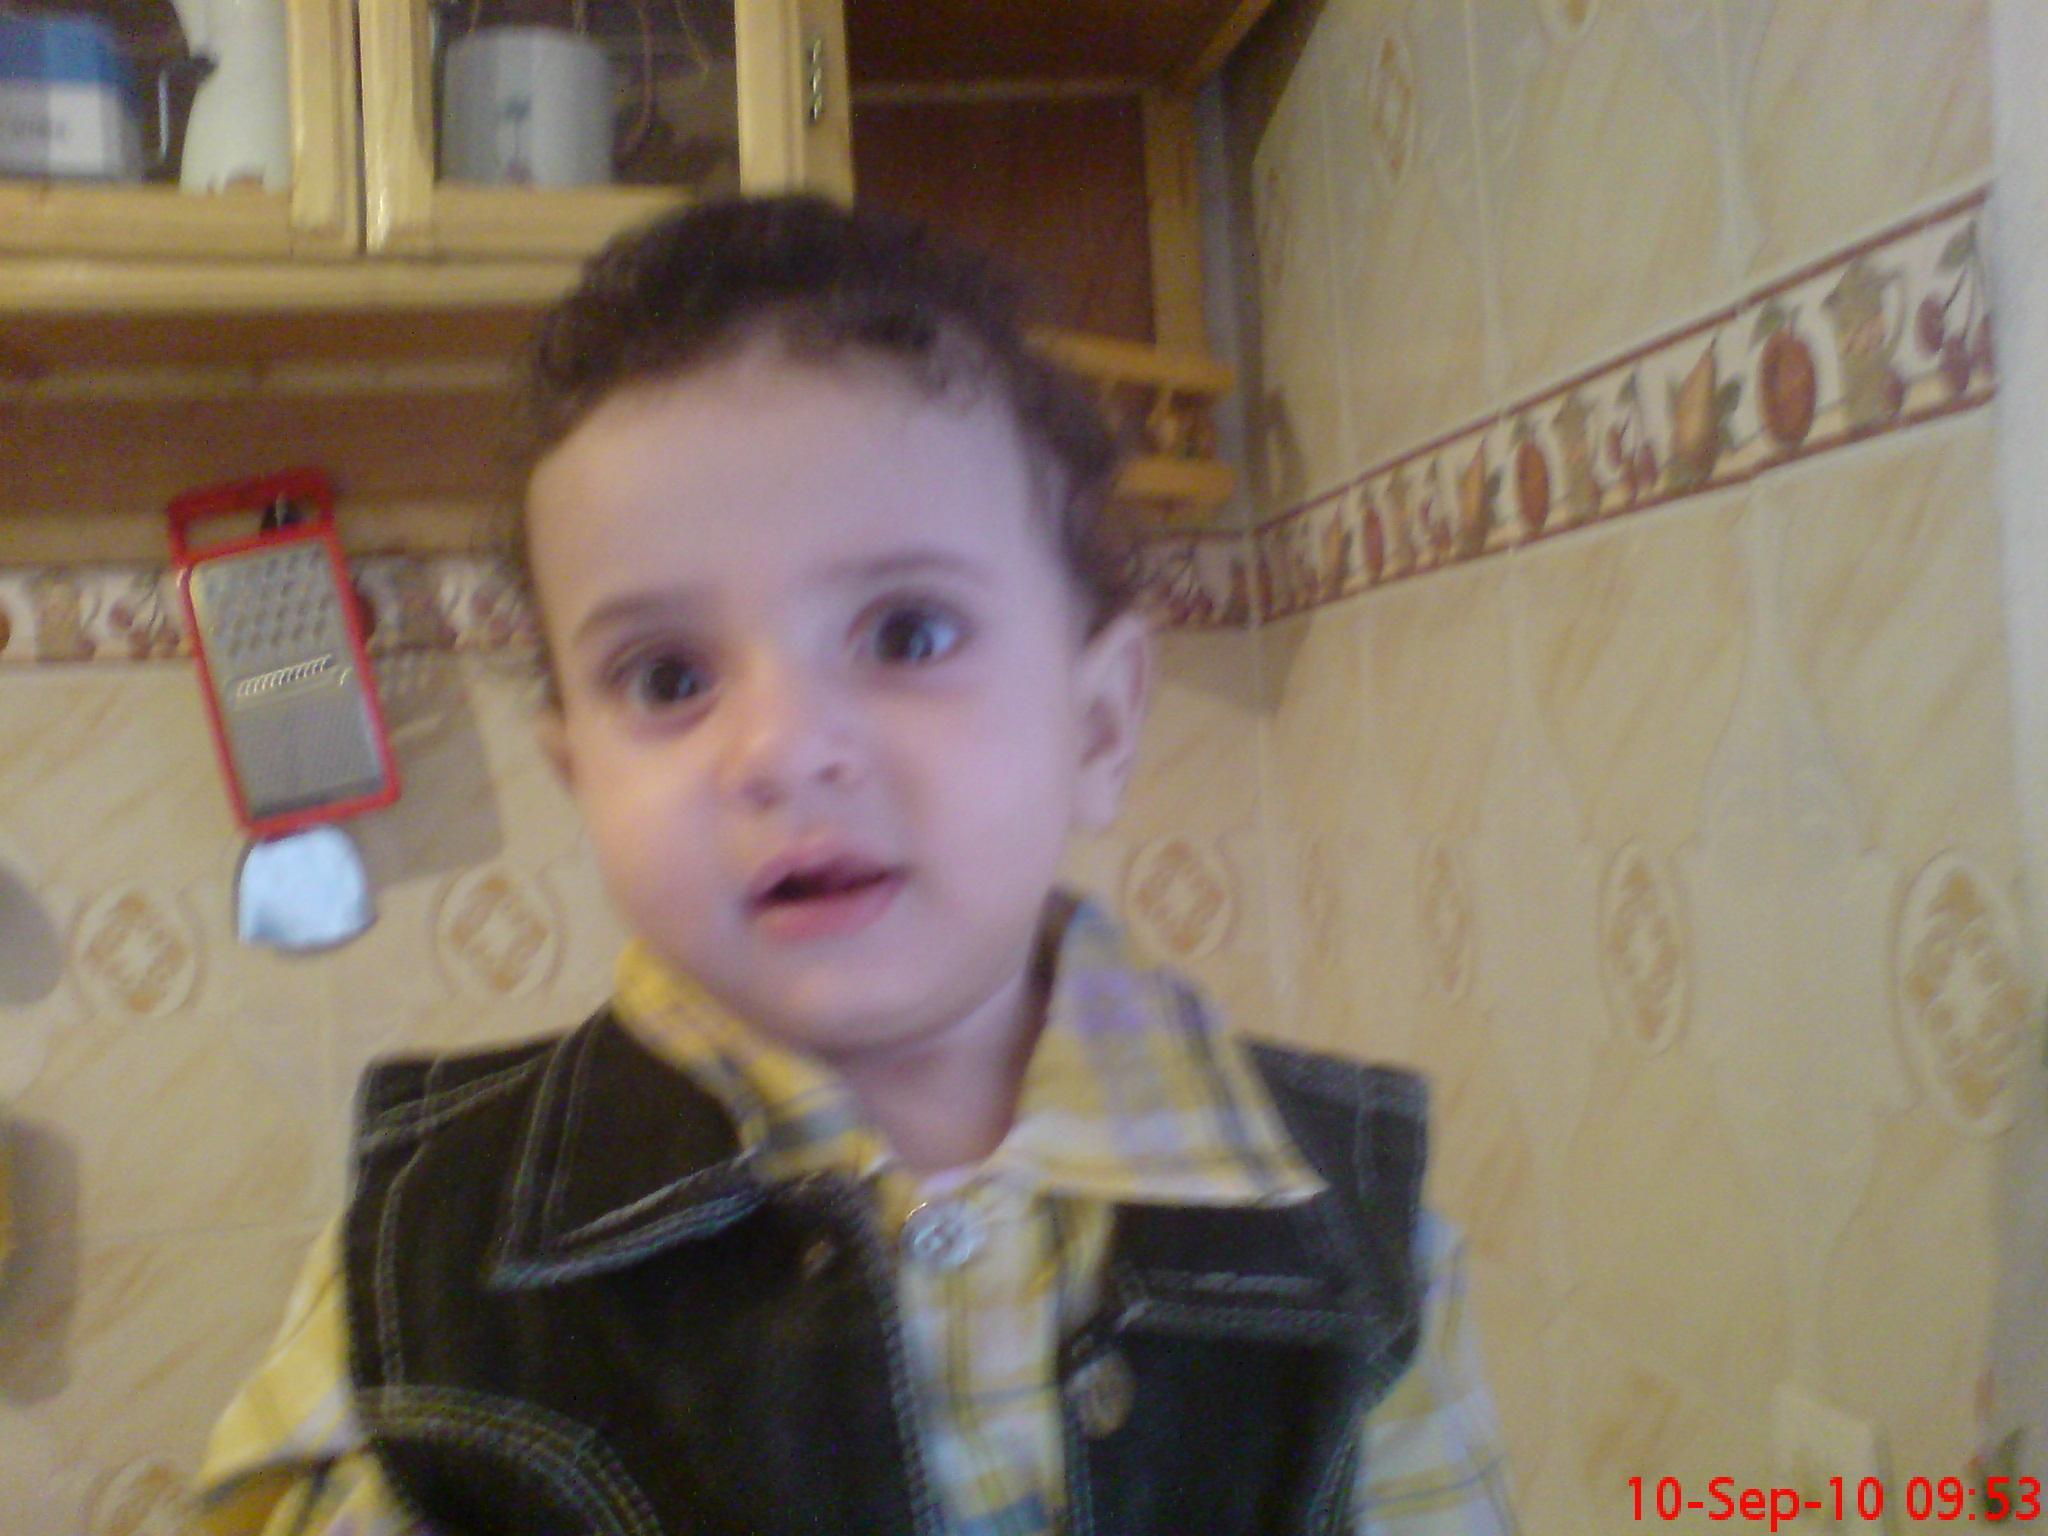 ولدي يقلكم عيدكم مبارك 980065675